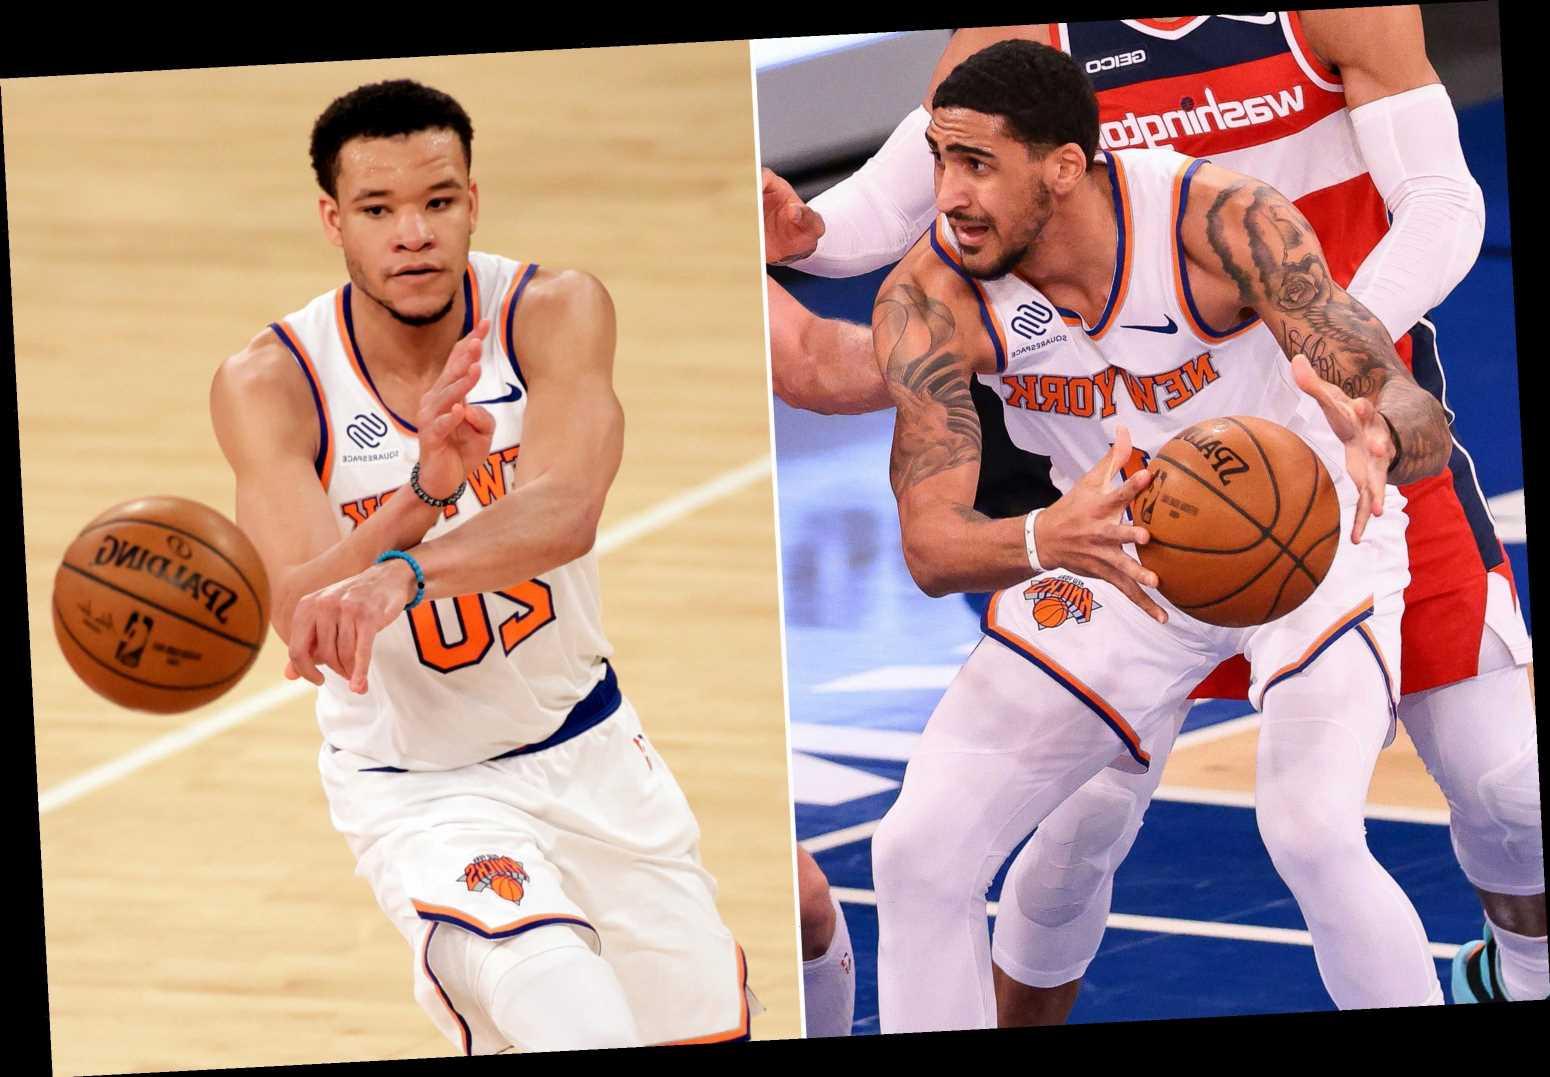 Obi Toppin hits Knicks rock bottom as Kevin Knox looms